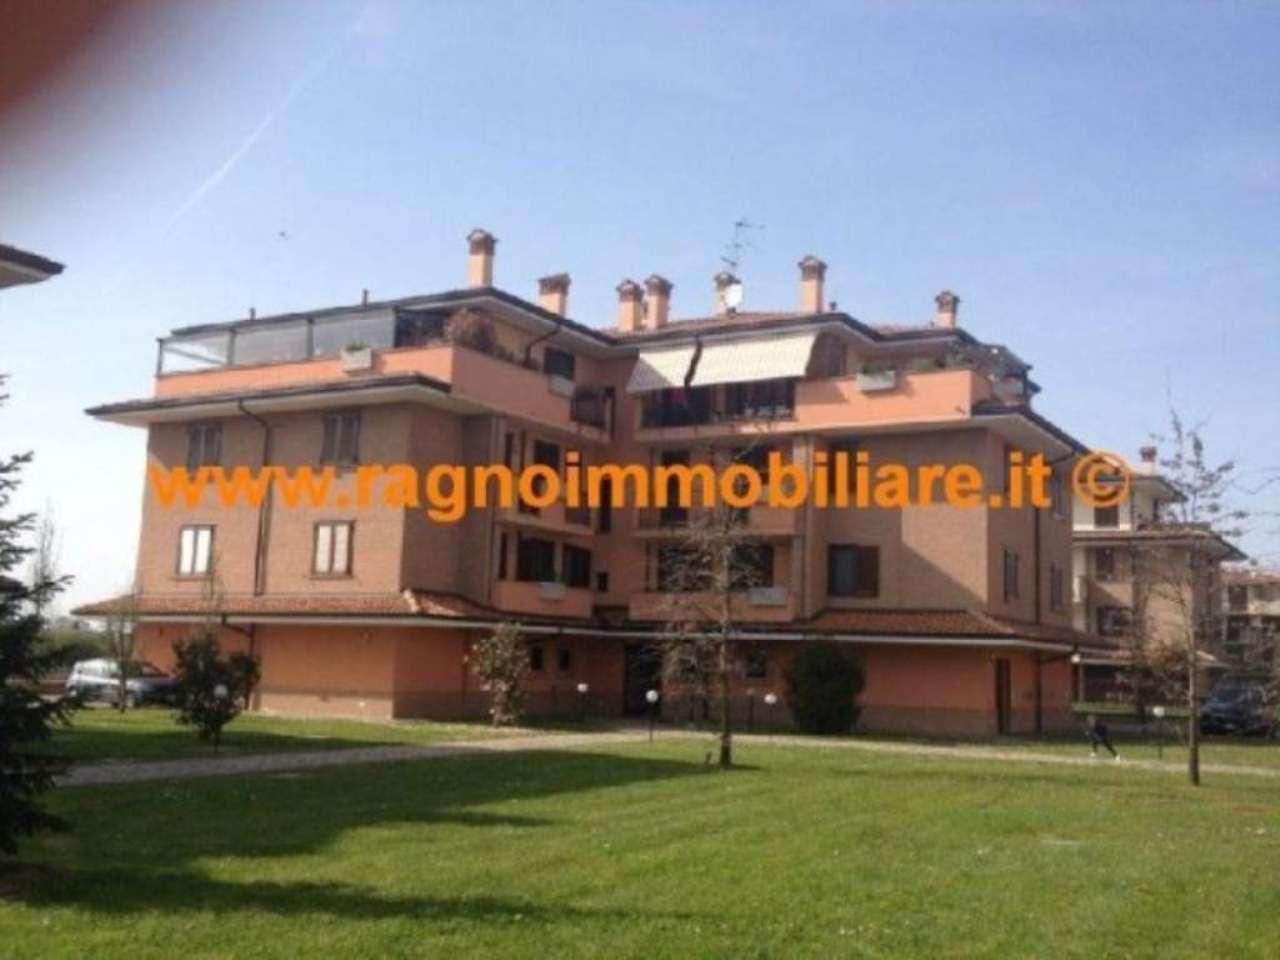 Attico / Mansarda in affitto a Casarile, 3 locali, prezzo € 700 | CambioCasa.it